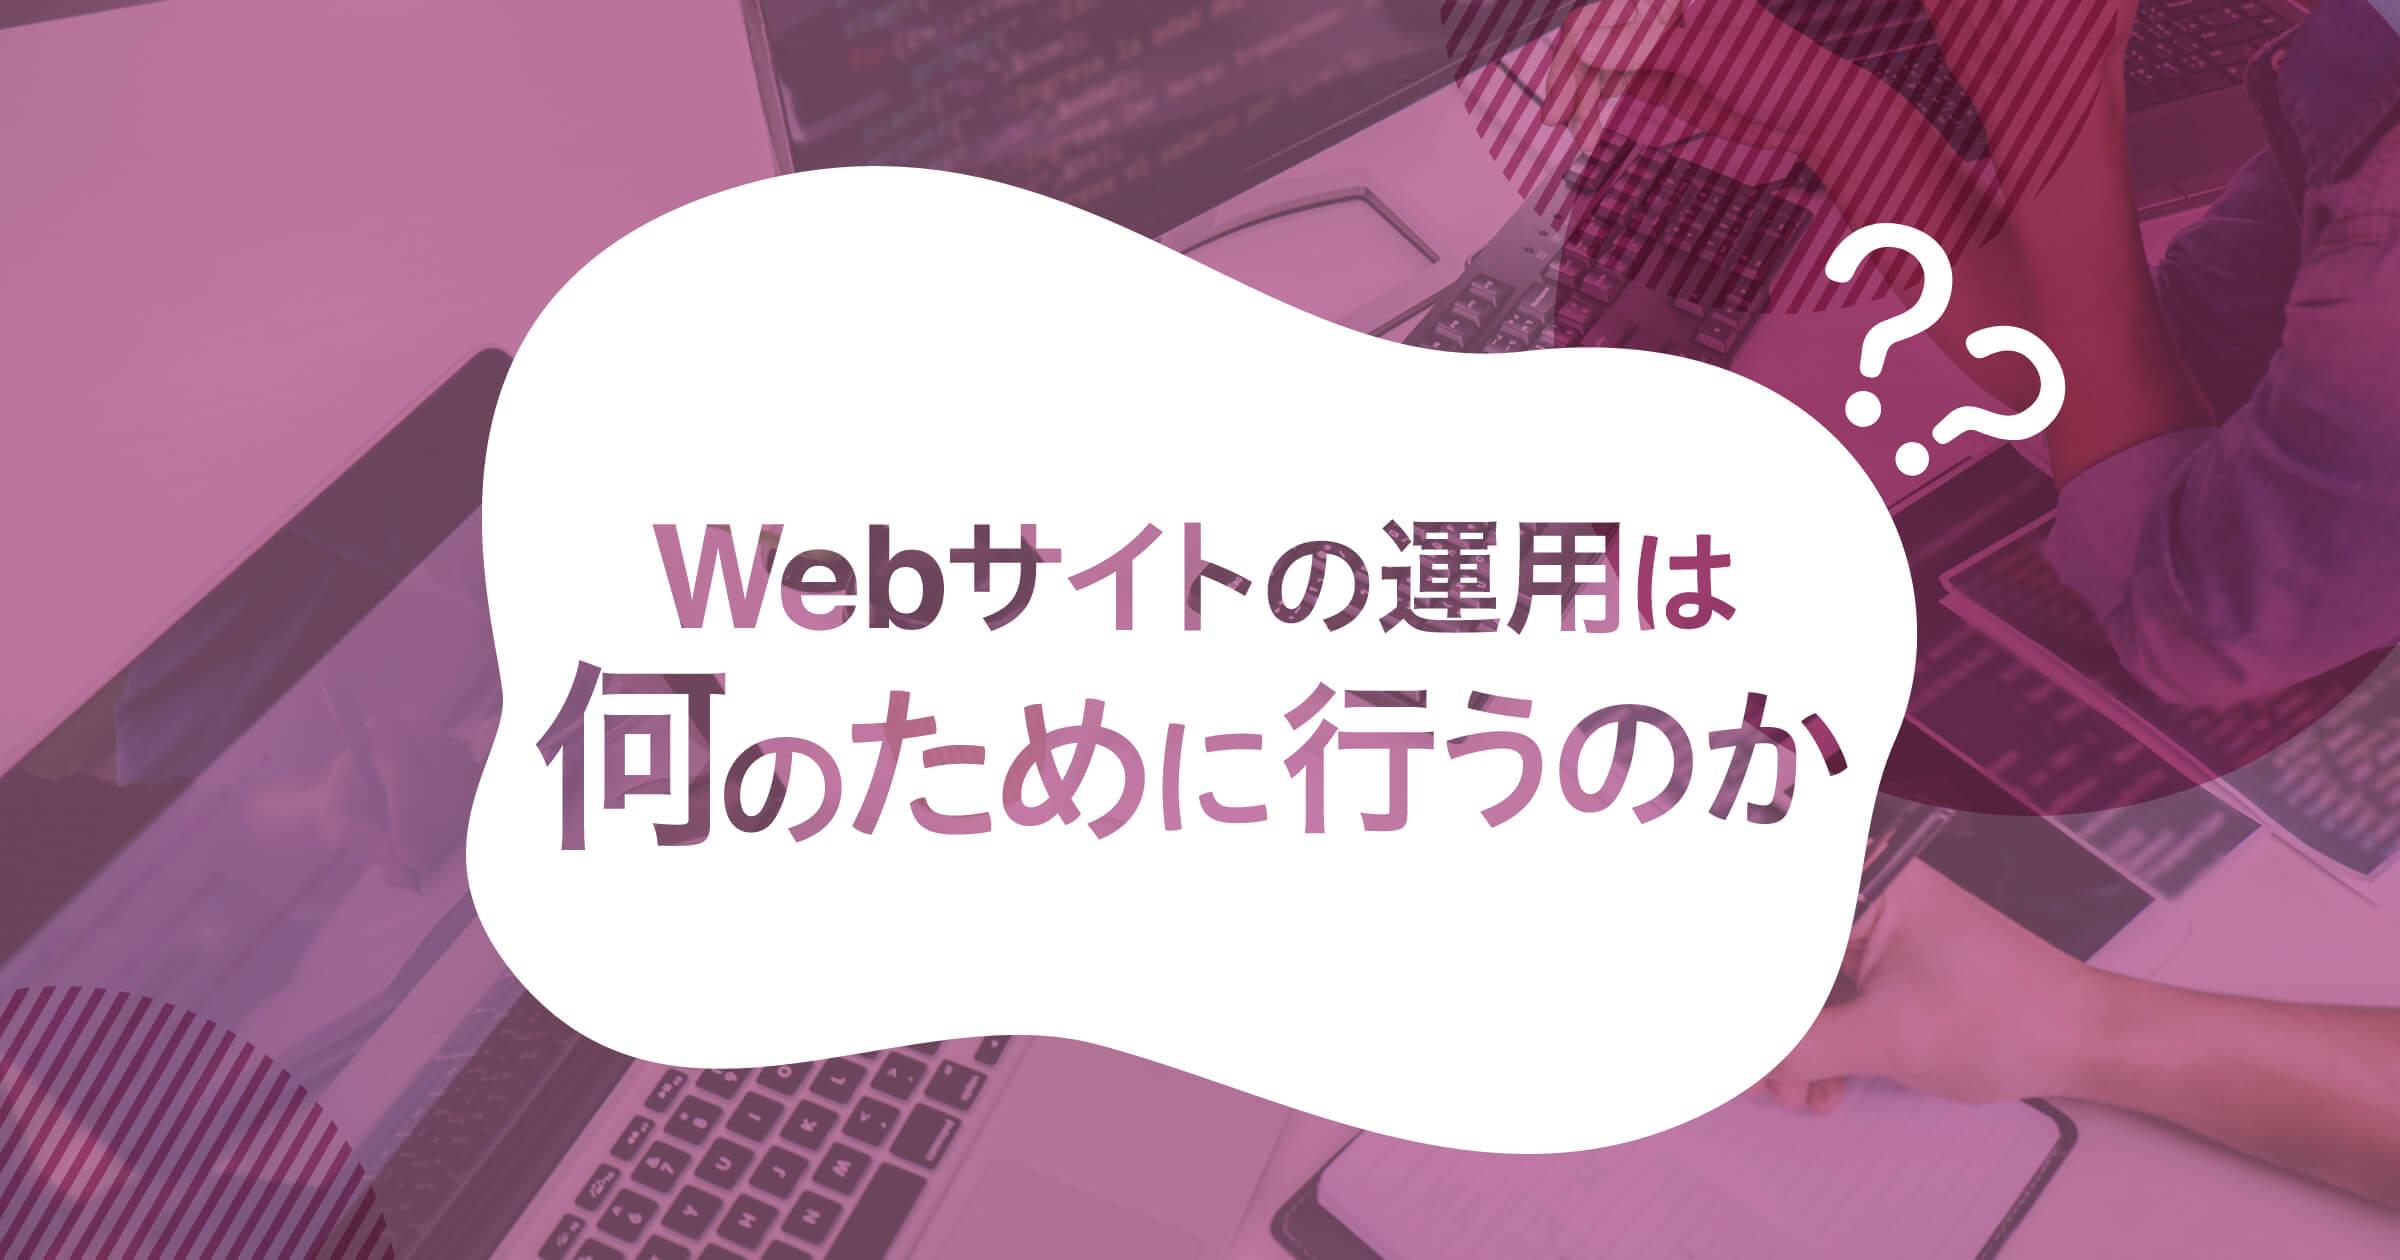 Webサイトの運用は何のために行うのか